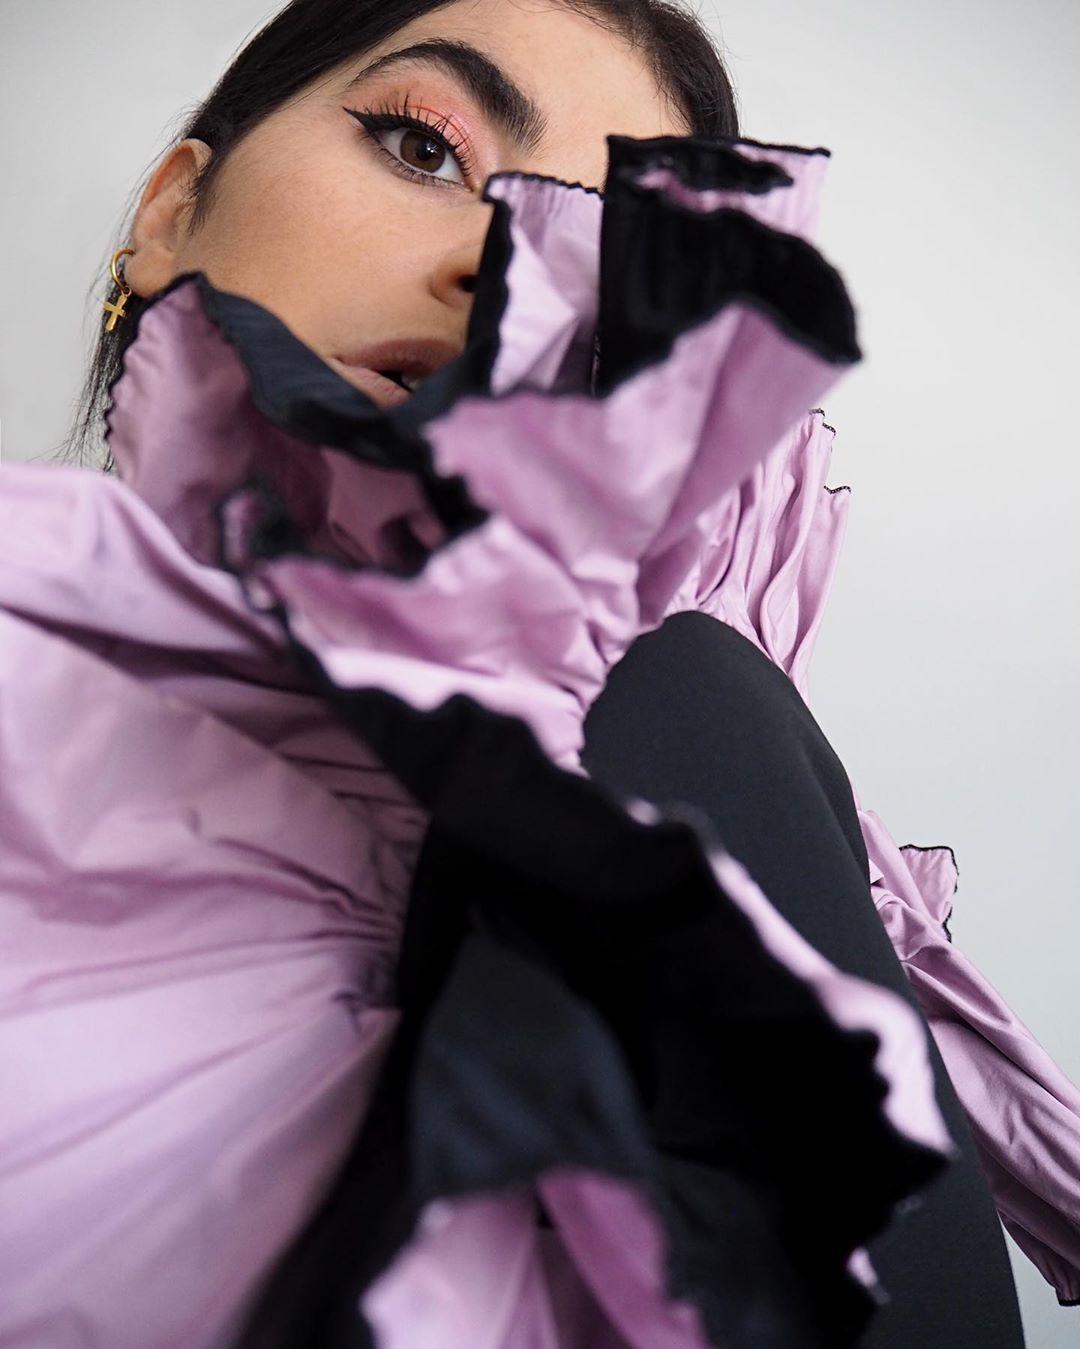 bimaterial shoulder jacket de Zara sur carolinabrunelli_